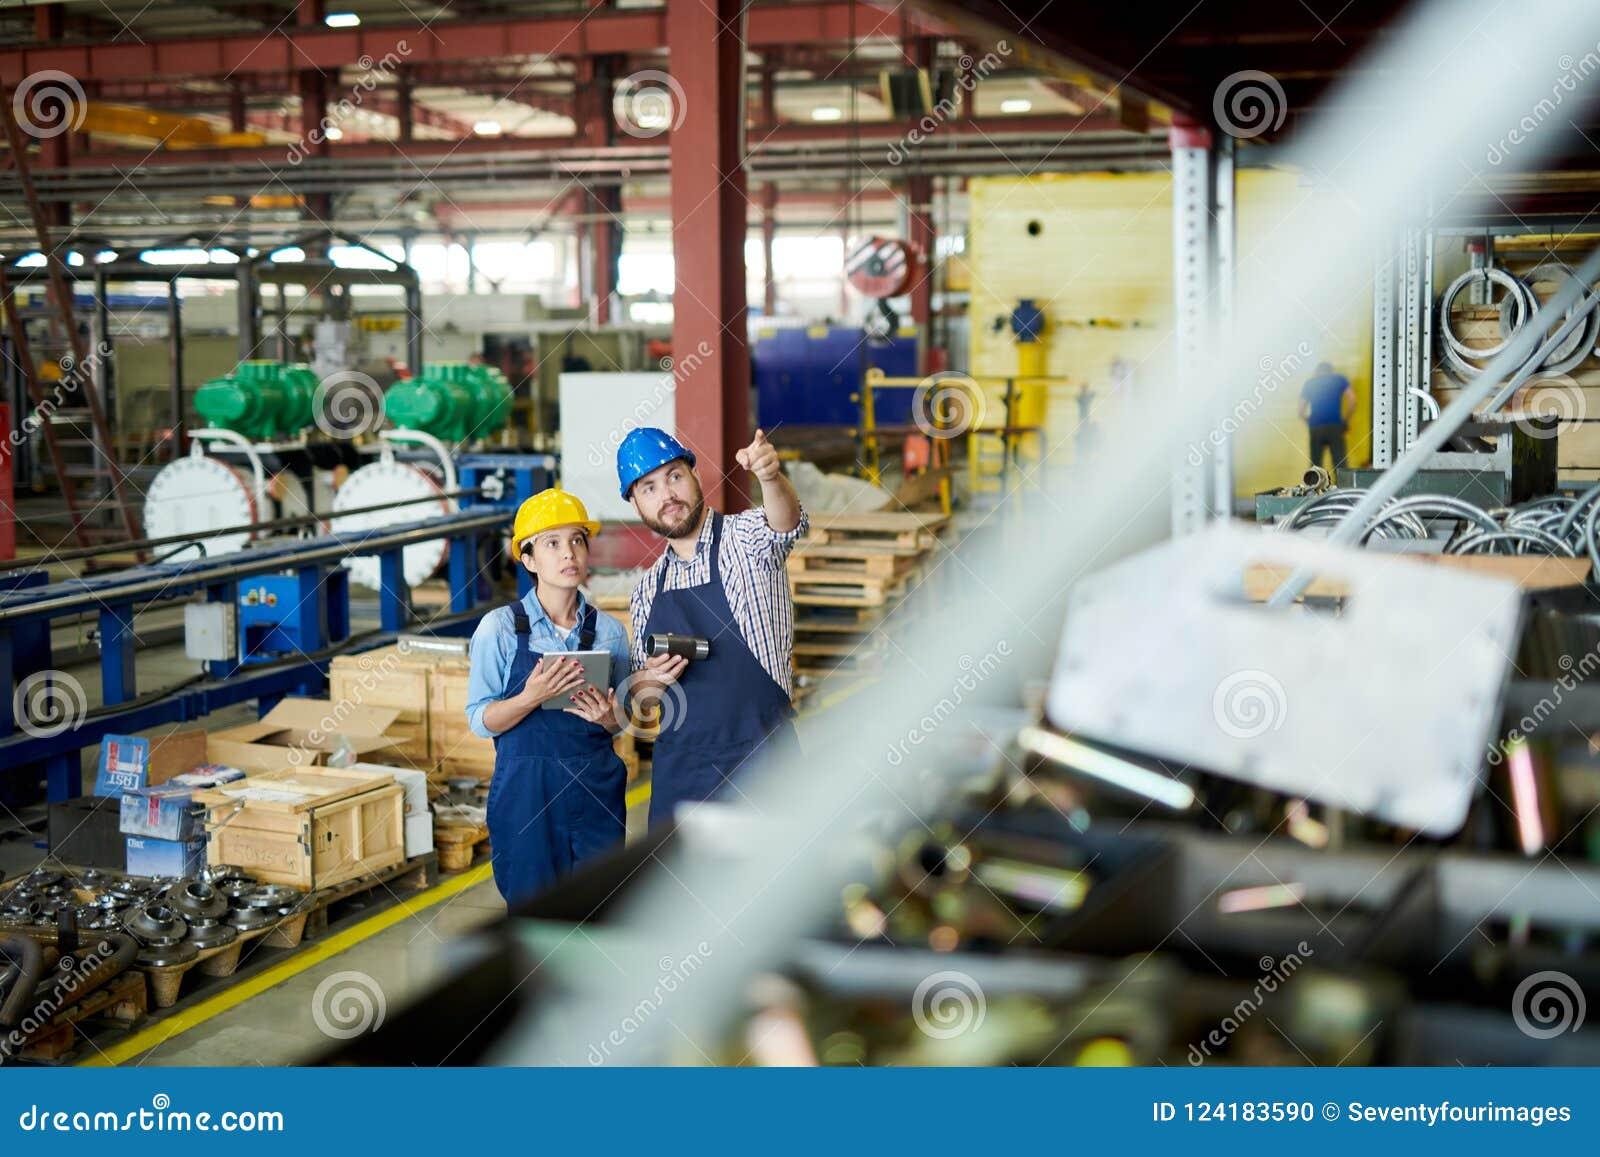 Comentario común en Warehouse